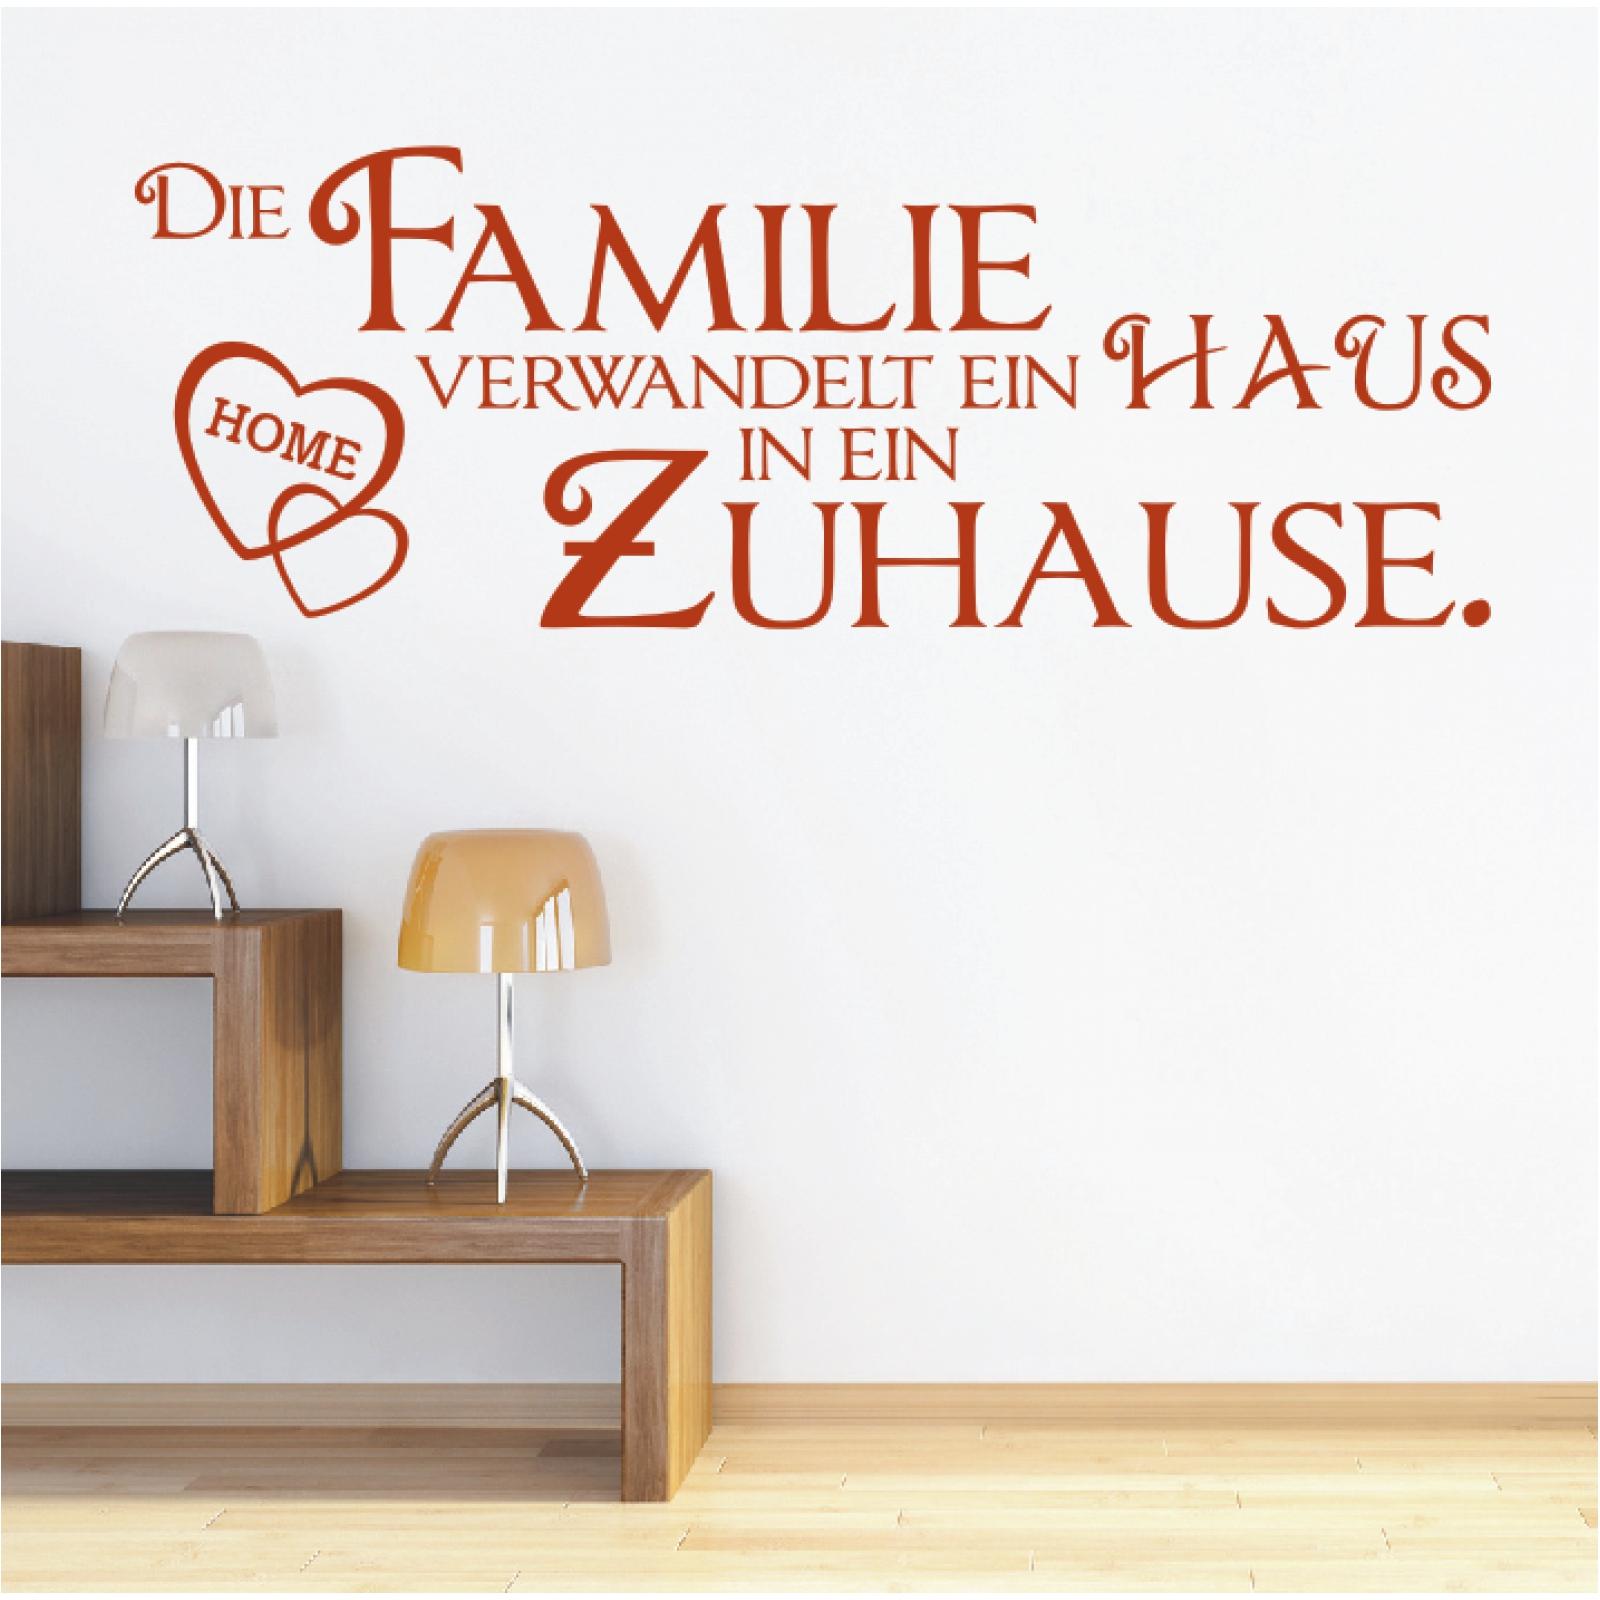 Wandtattoo spruch die familie verwandelt haus in zuhause - Design zitate ...